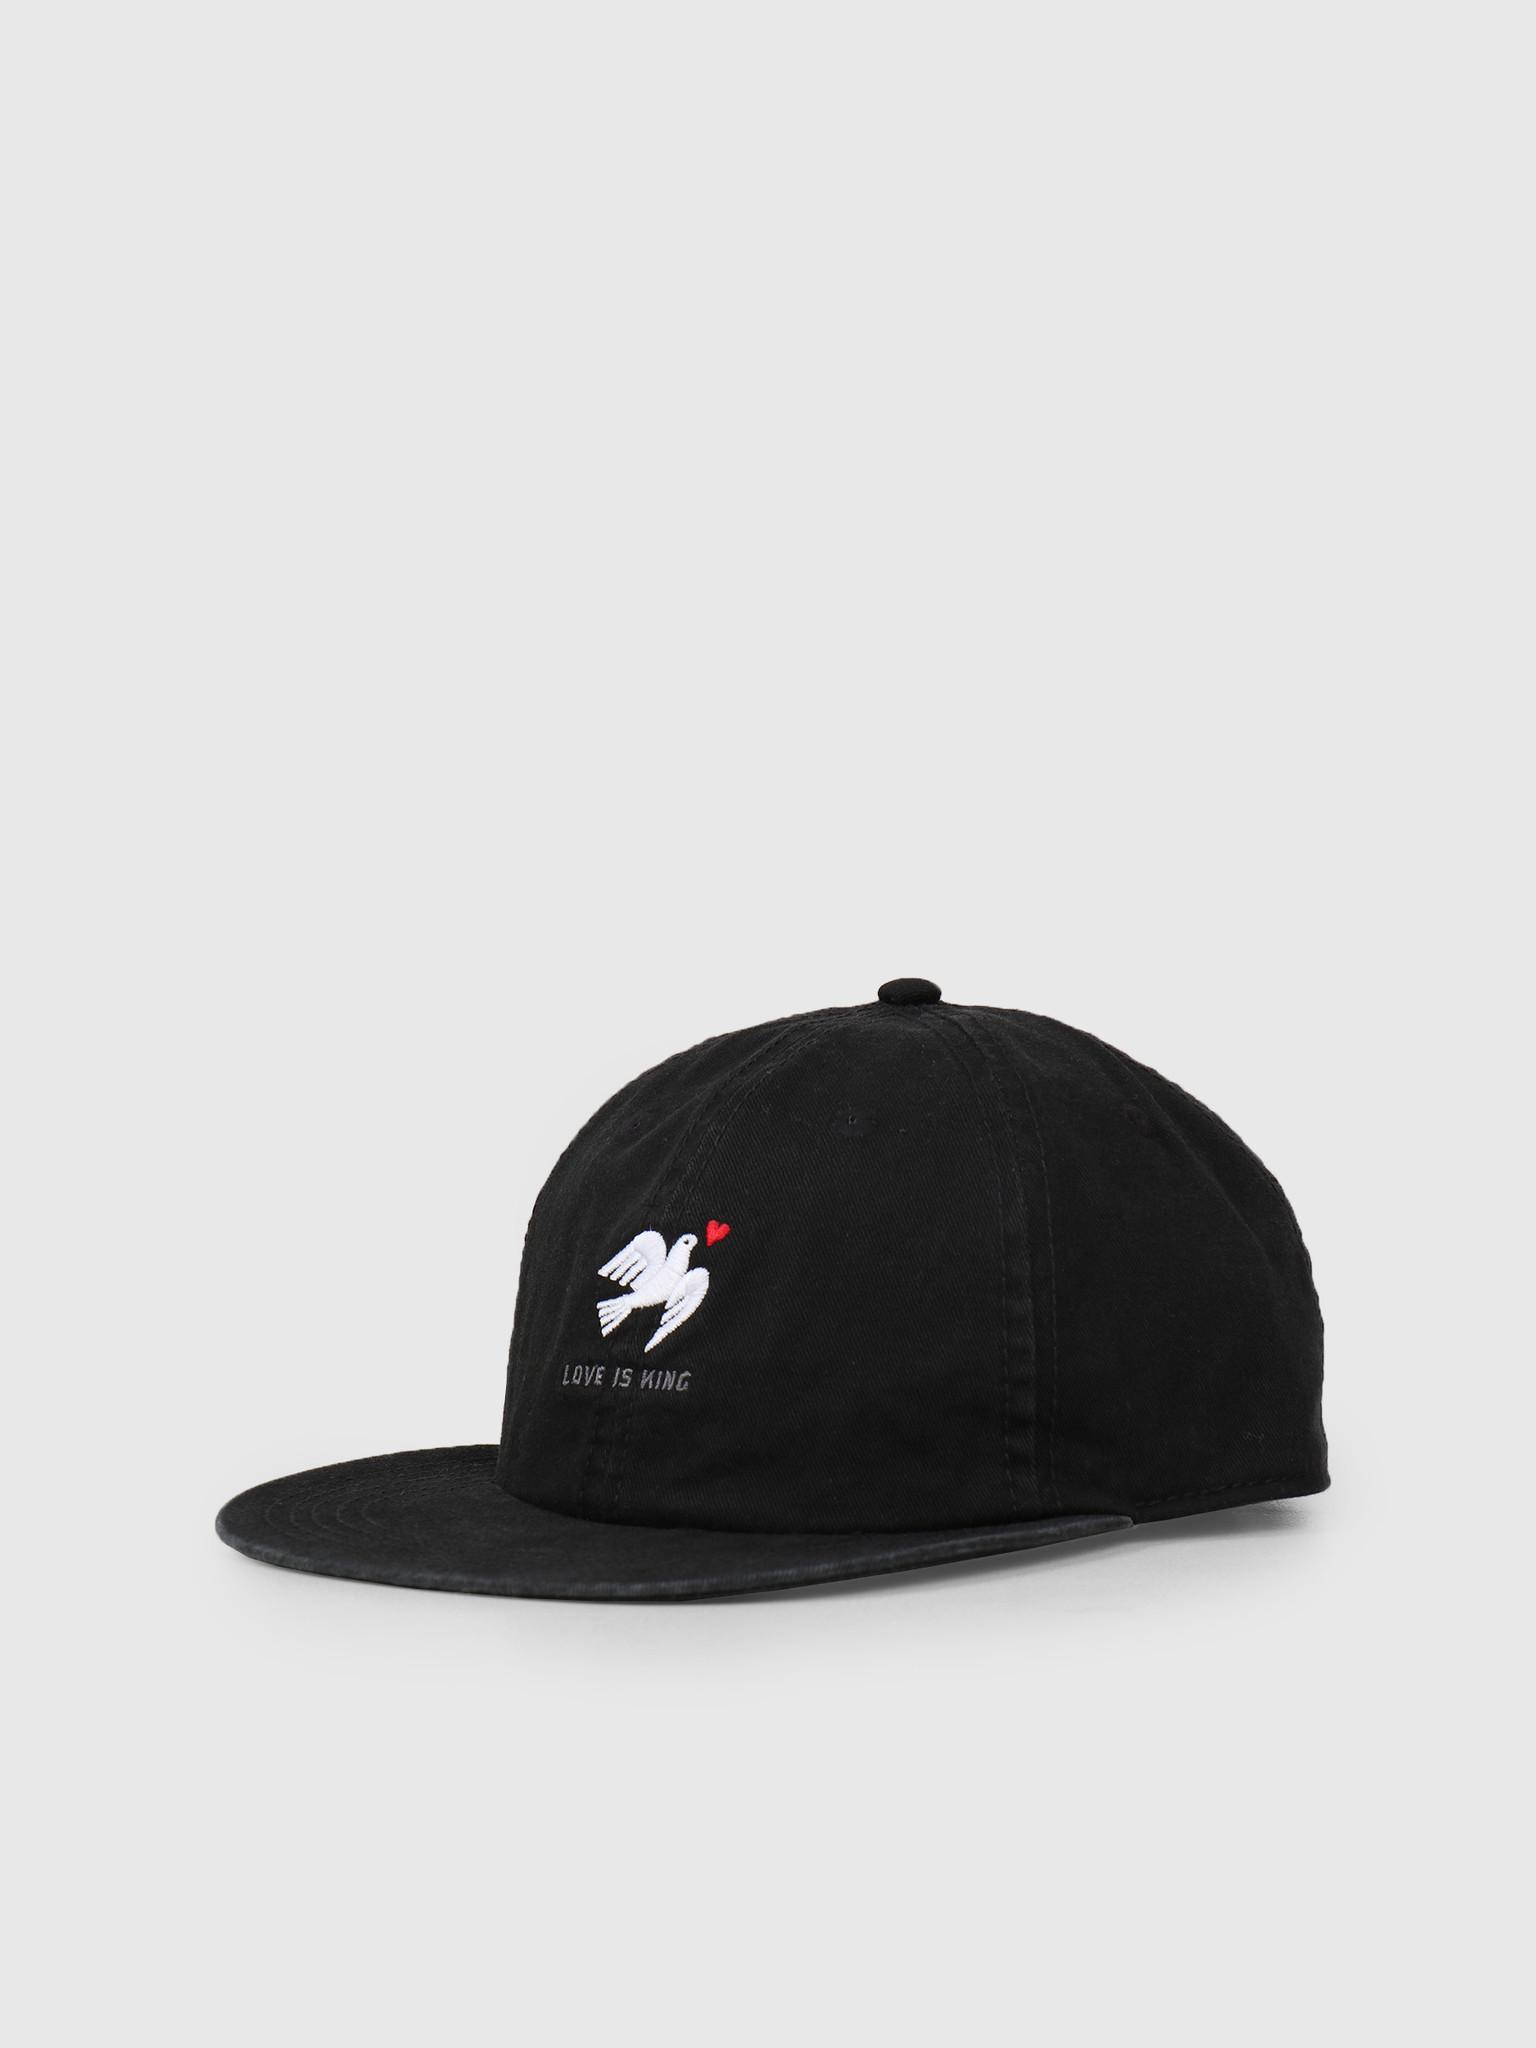 Wemoto Wemoto King Cap Black 133.805-100